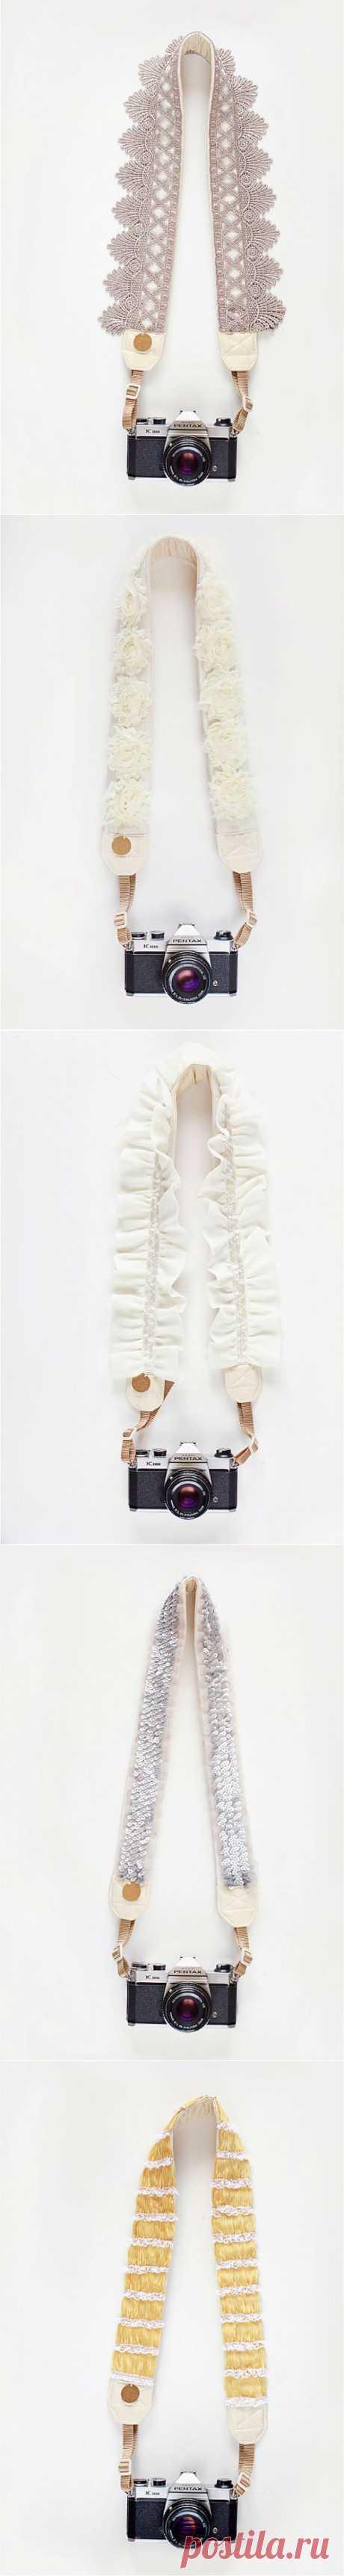 Ремни для фотоаппарата / Гаджеты / Модный сайт о стильной переделке одежды и интерьера